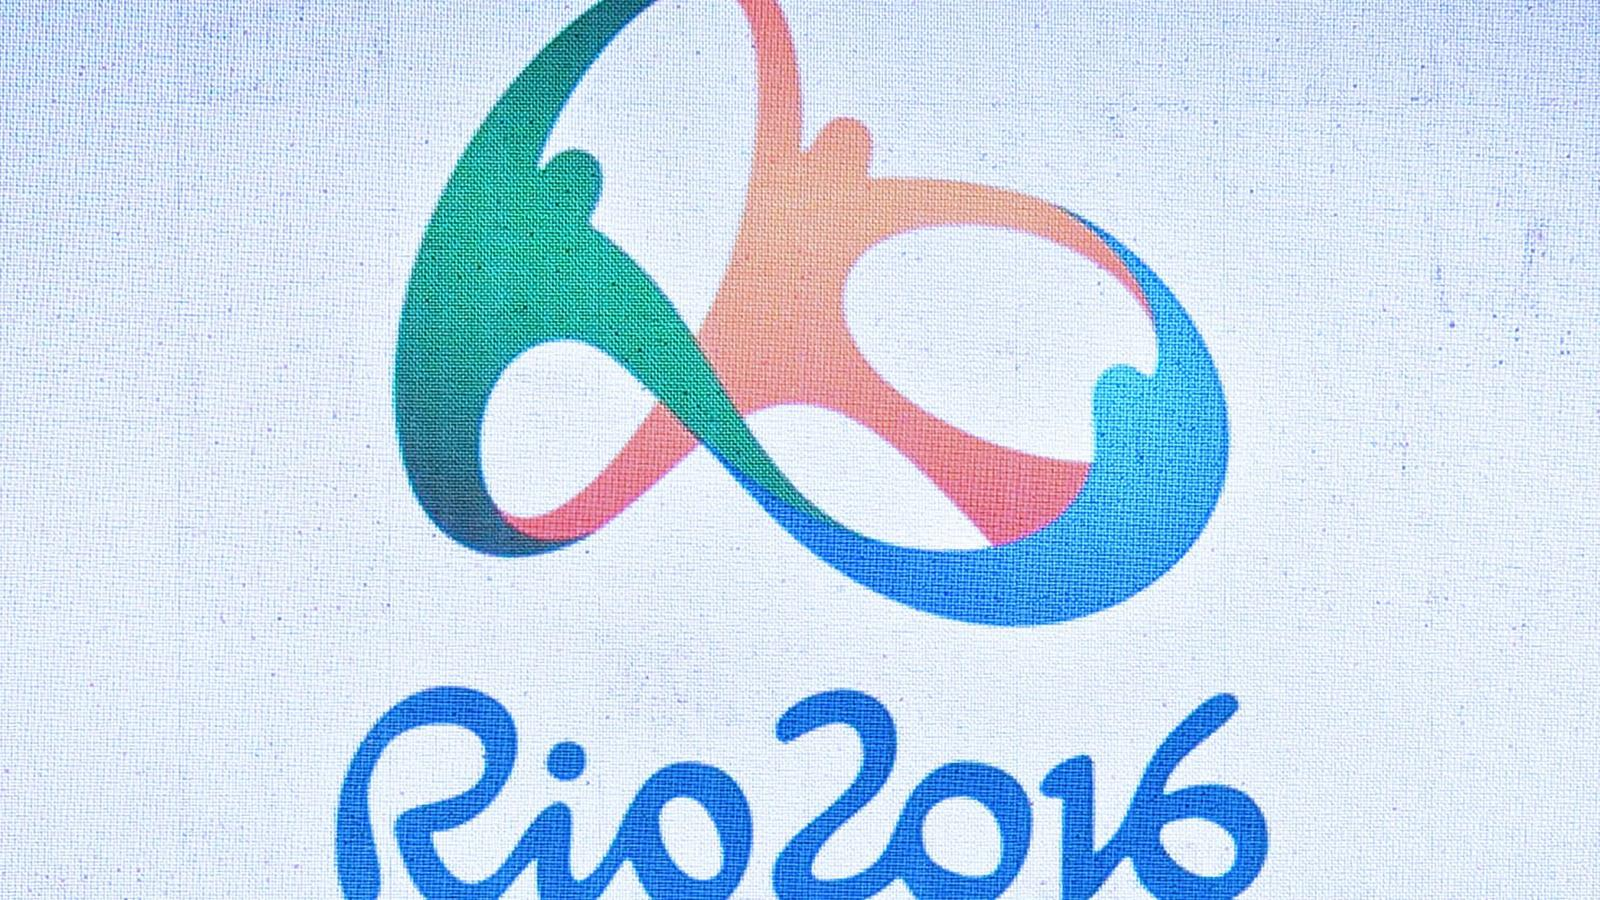 Логотип Игр в Рио - Рио-2016 - Олимпийские игры - Eurosport